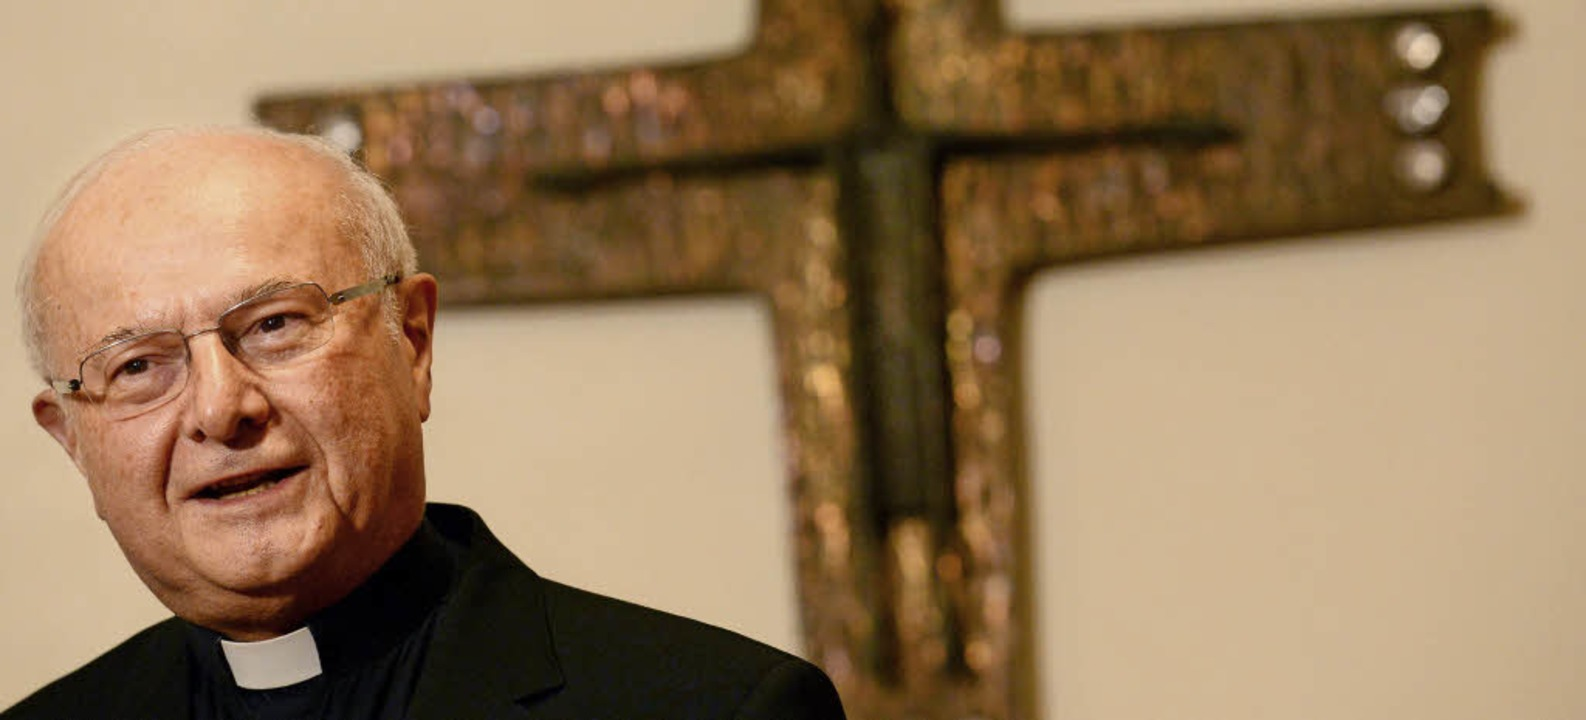 Von 2003 bis 2013 war Robert Zollitsch Erzbischof von Freiburg.   | Foto: dpa